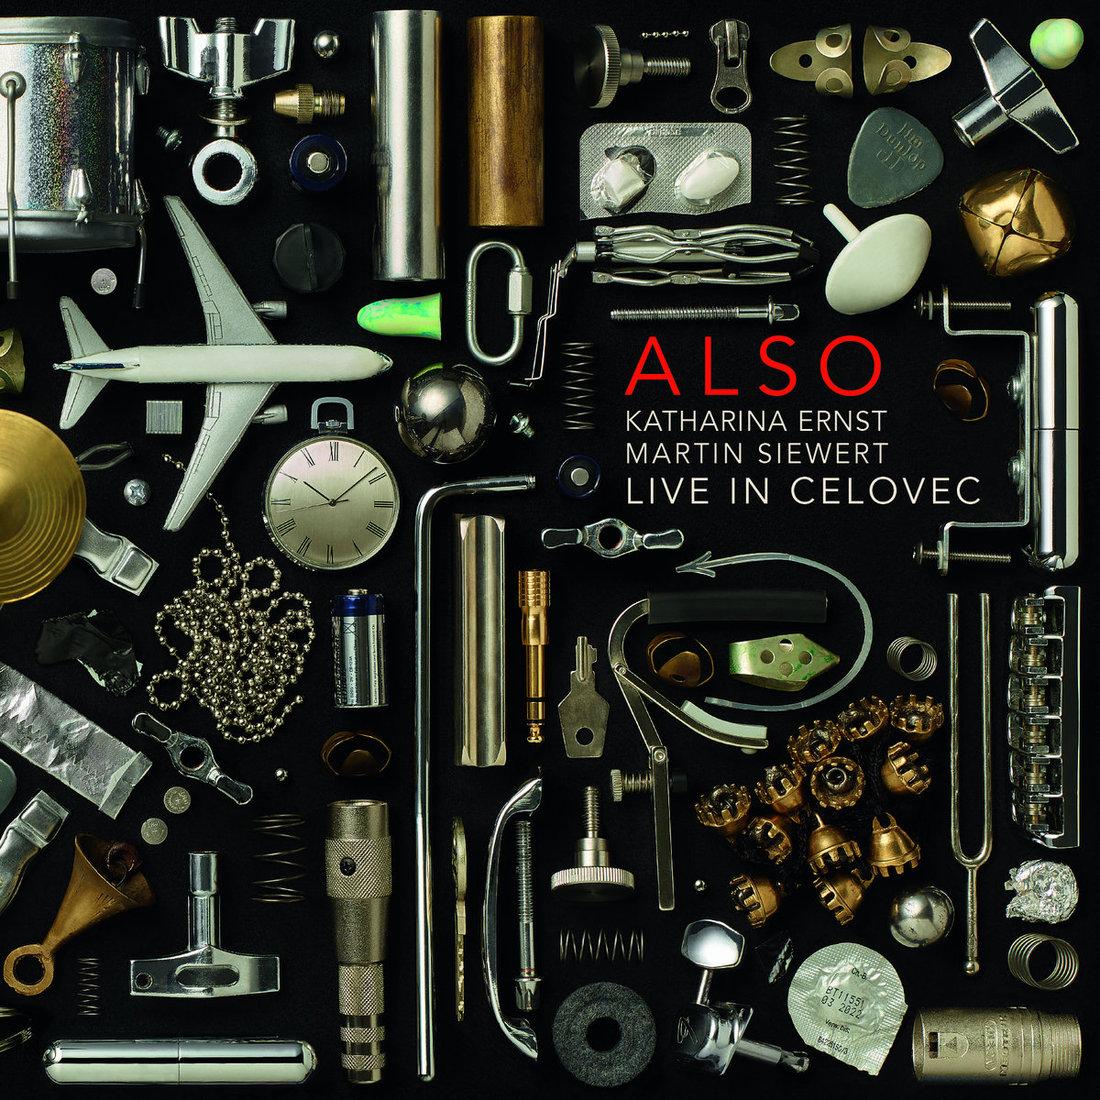 ALSO (Katharina Ernst / Martin Siewert) - Live in Celovec (Trost Records)